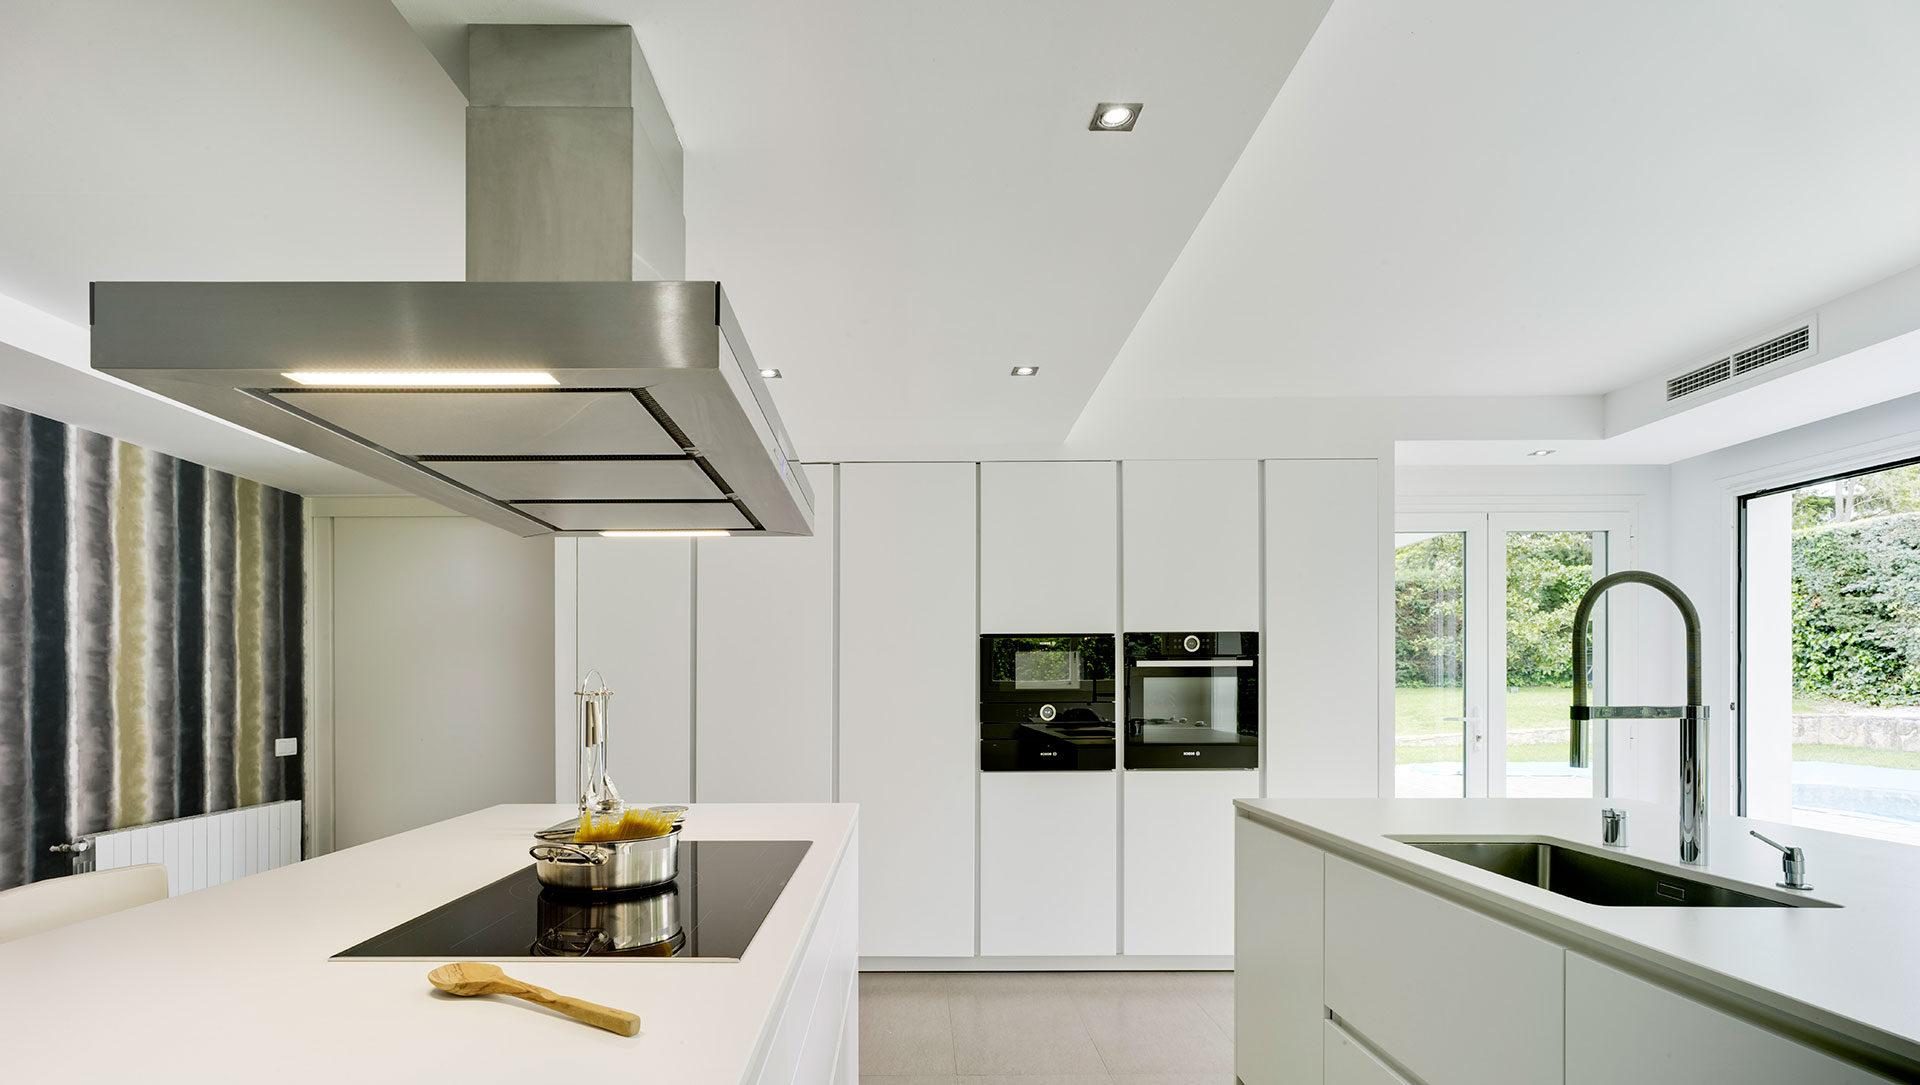 Cocina moderna blanca con dos islas